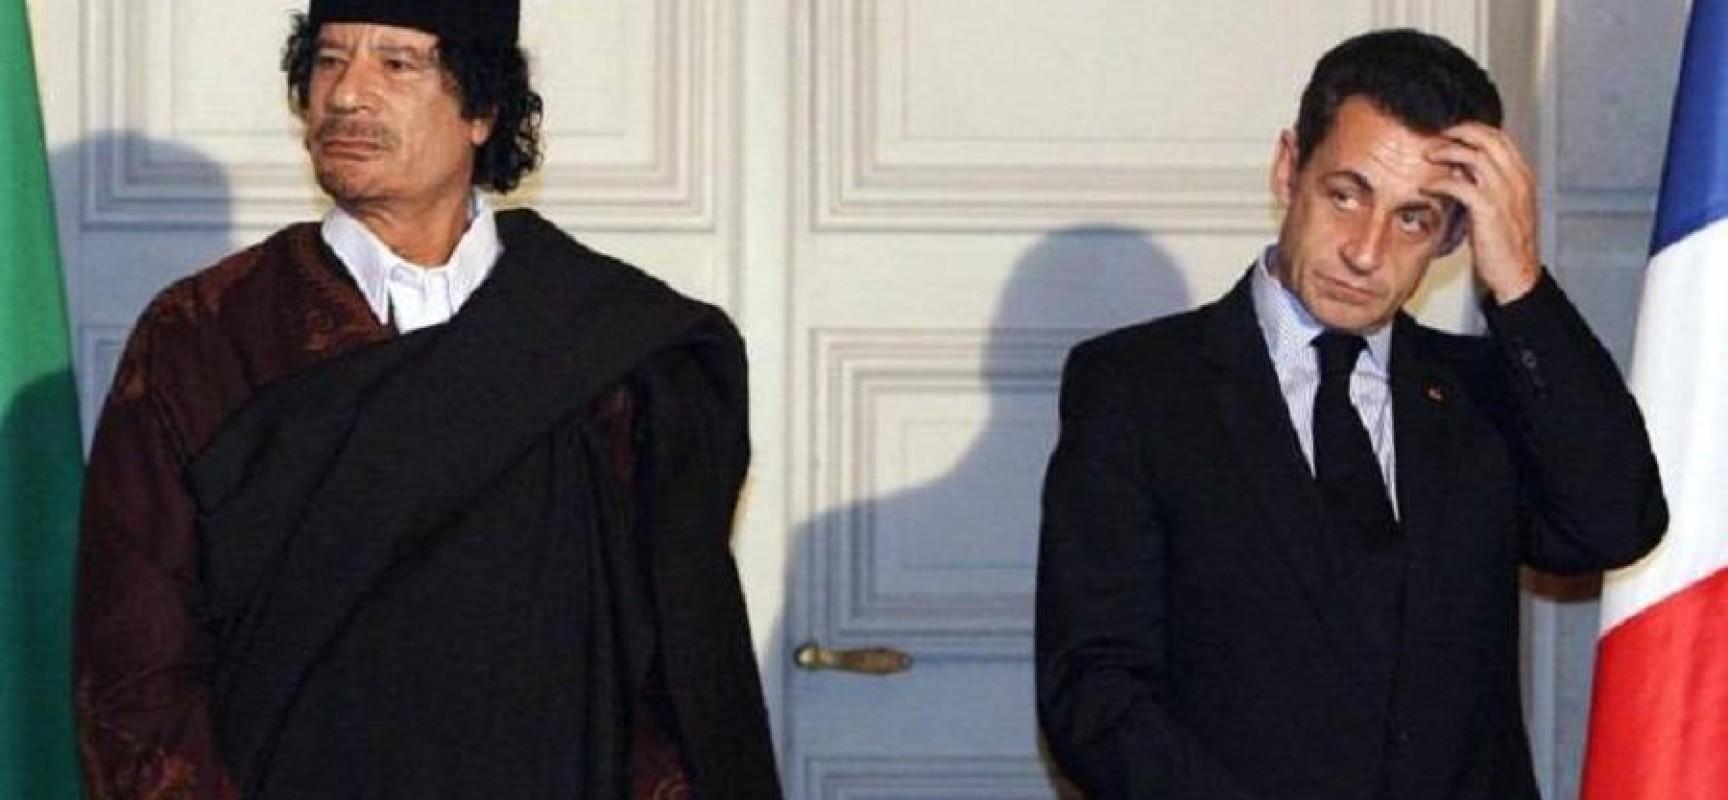 Le jour où Nicolas Sarkozy décida d'intervenir en Libye